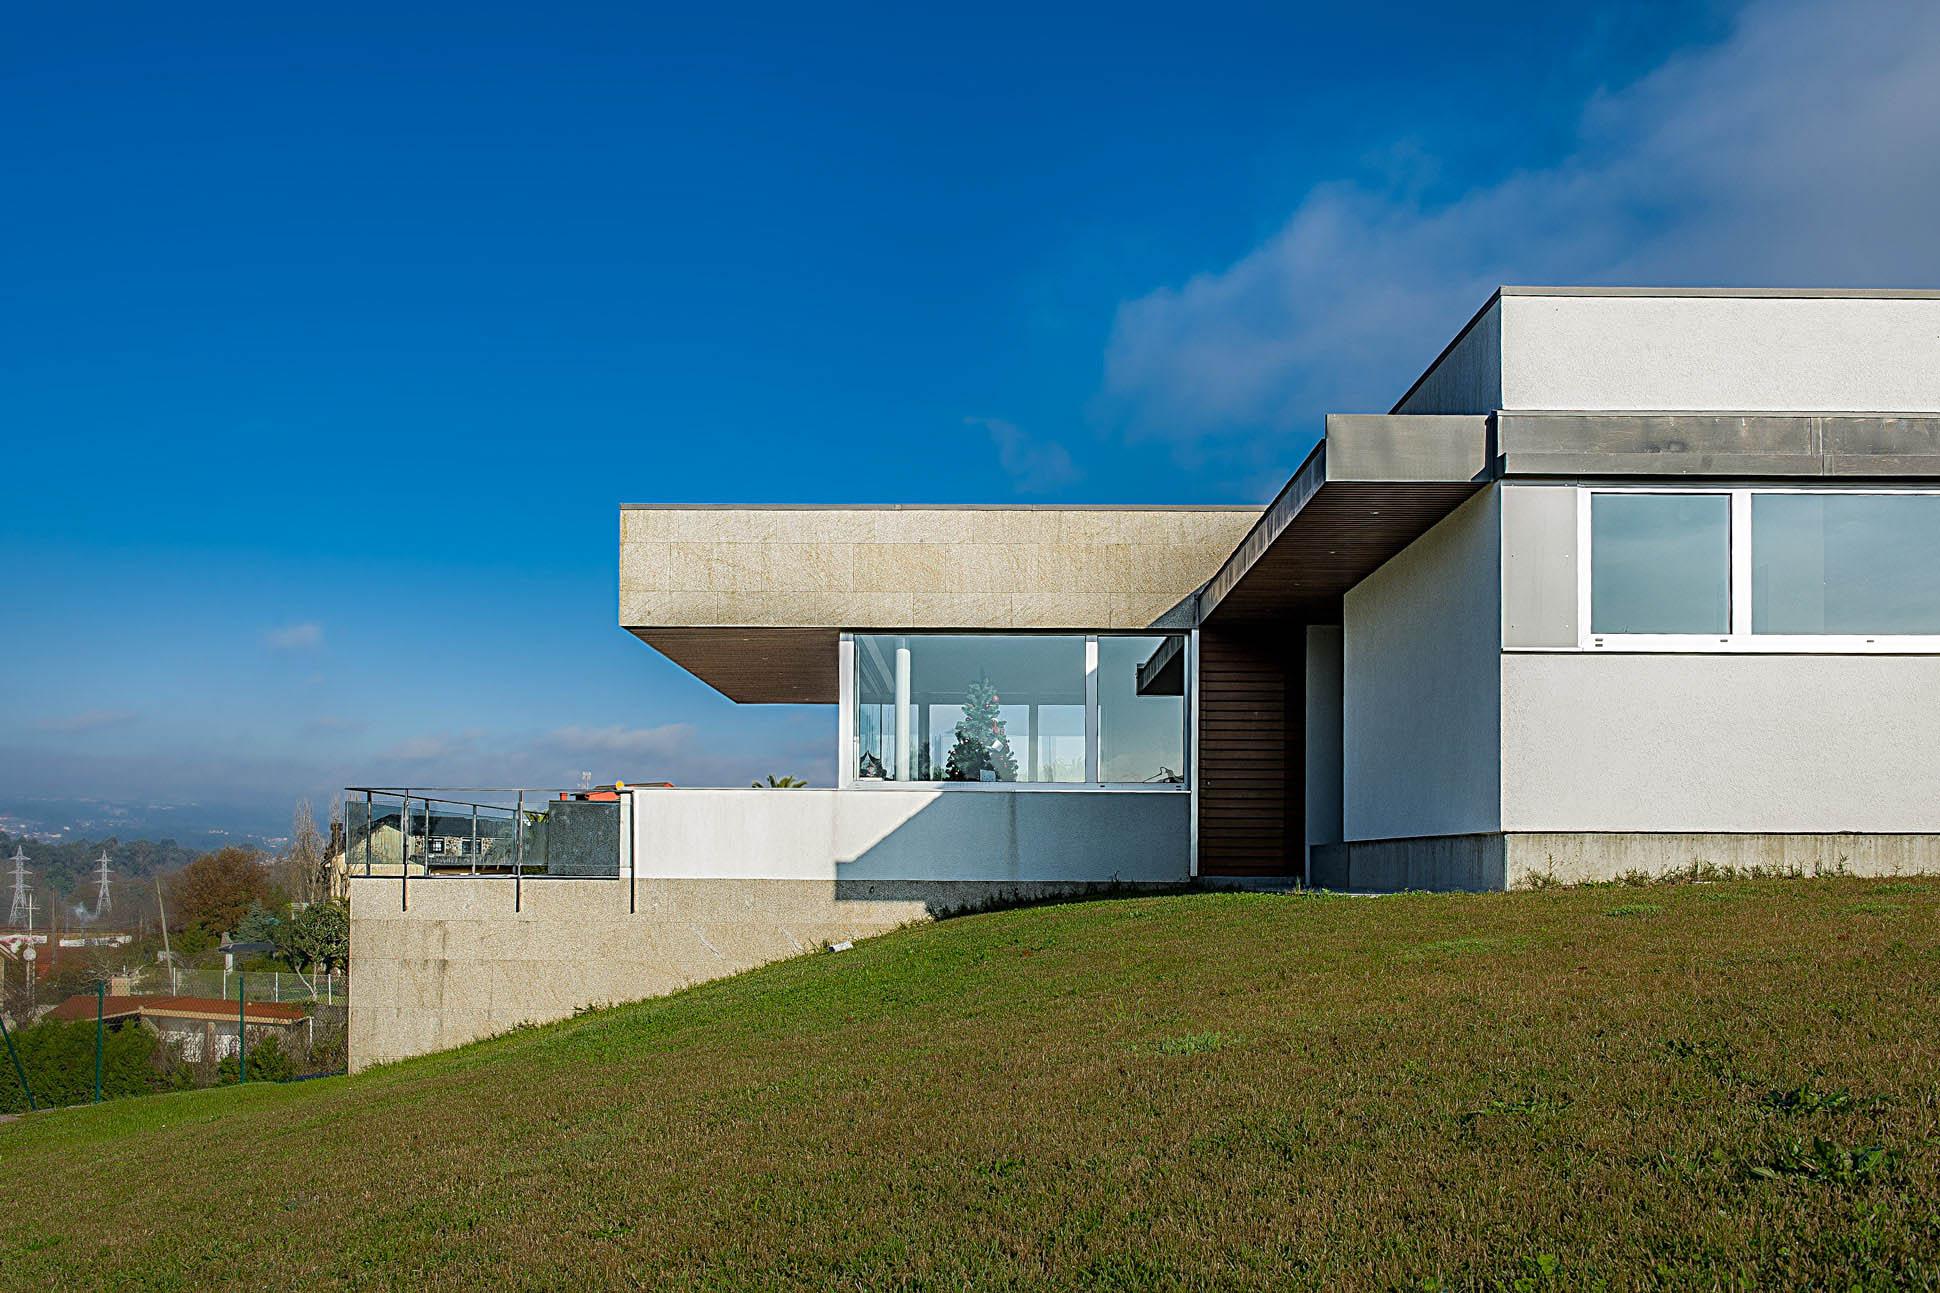 floa-arquitectuura-vivienda-laGuia-atios (3)